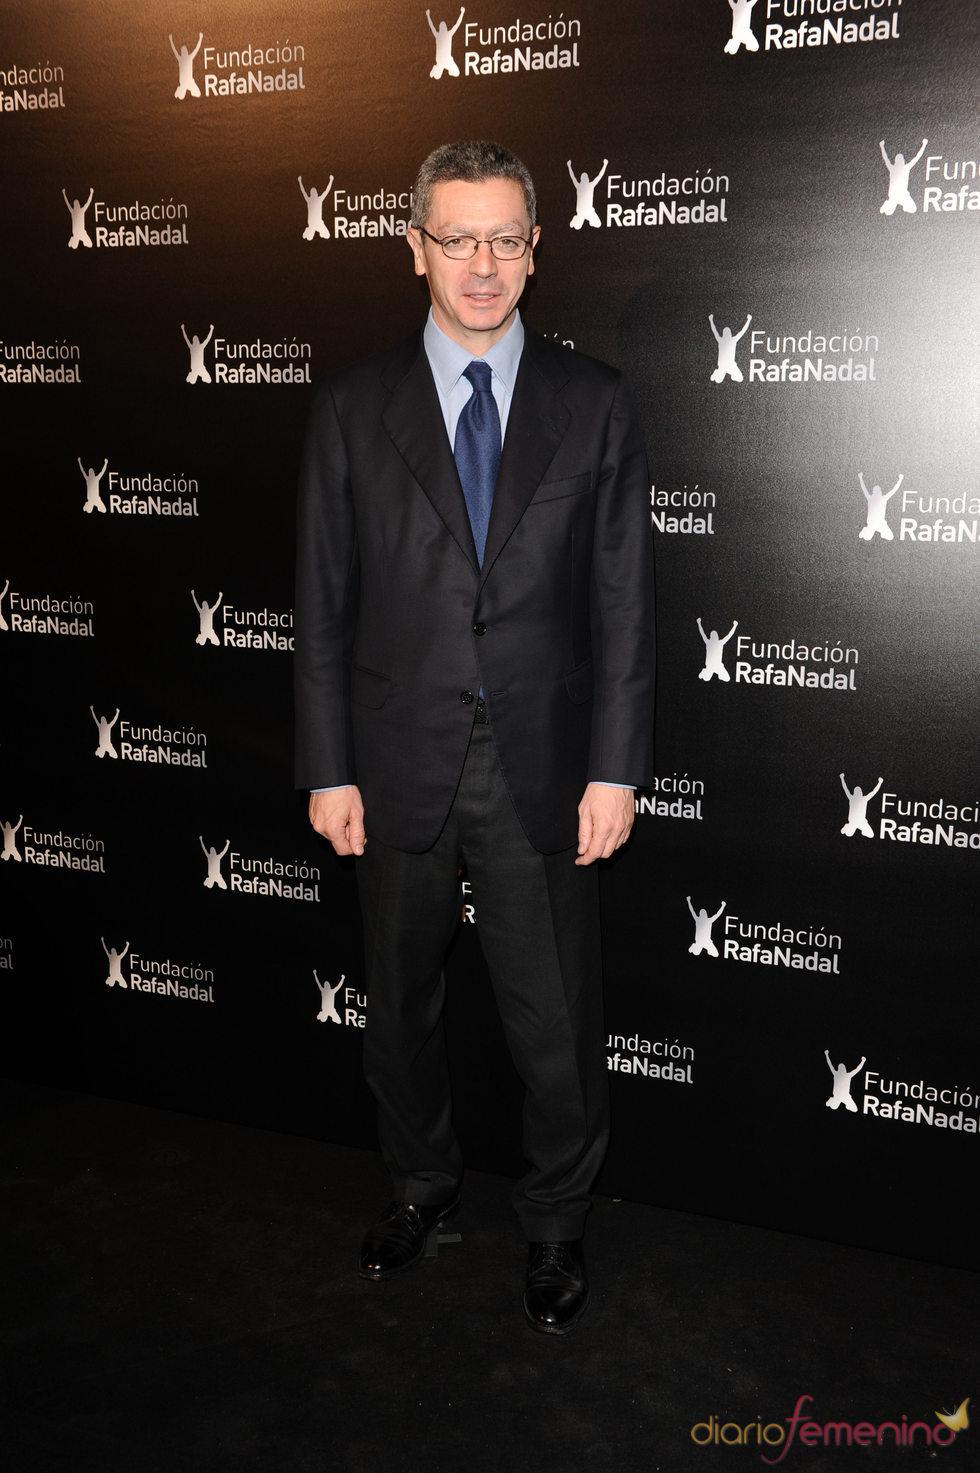 Alberto Ruiz Gallardón en la cena de gala de la Fundación Rafa Nadal